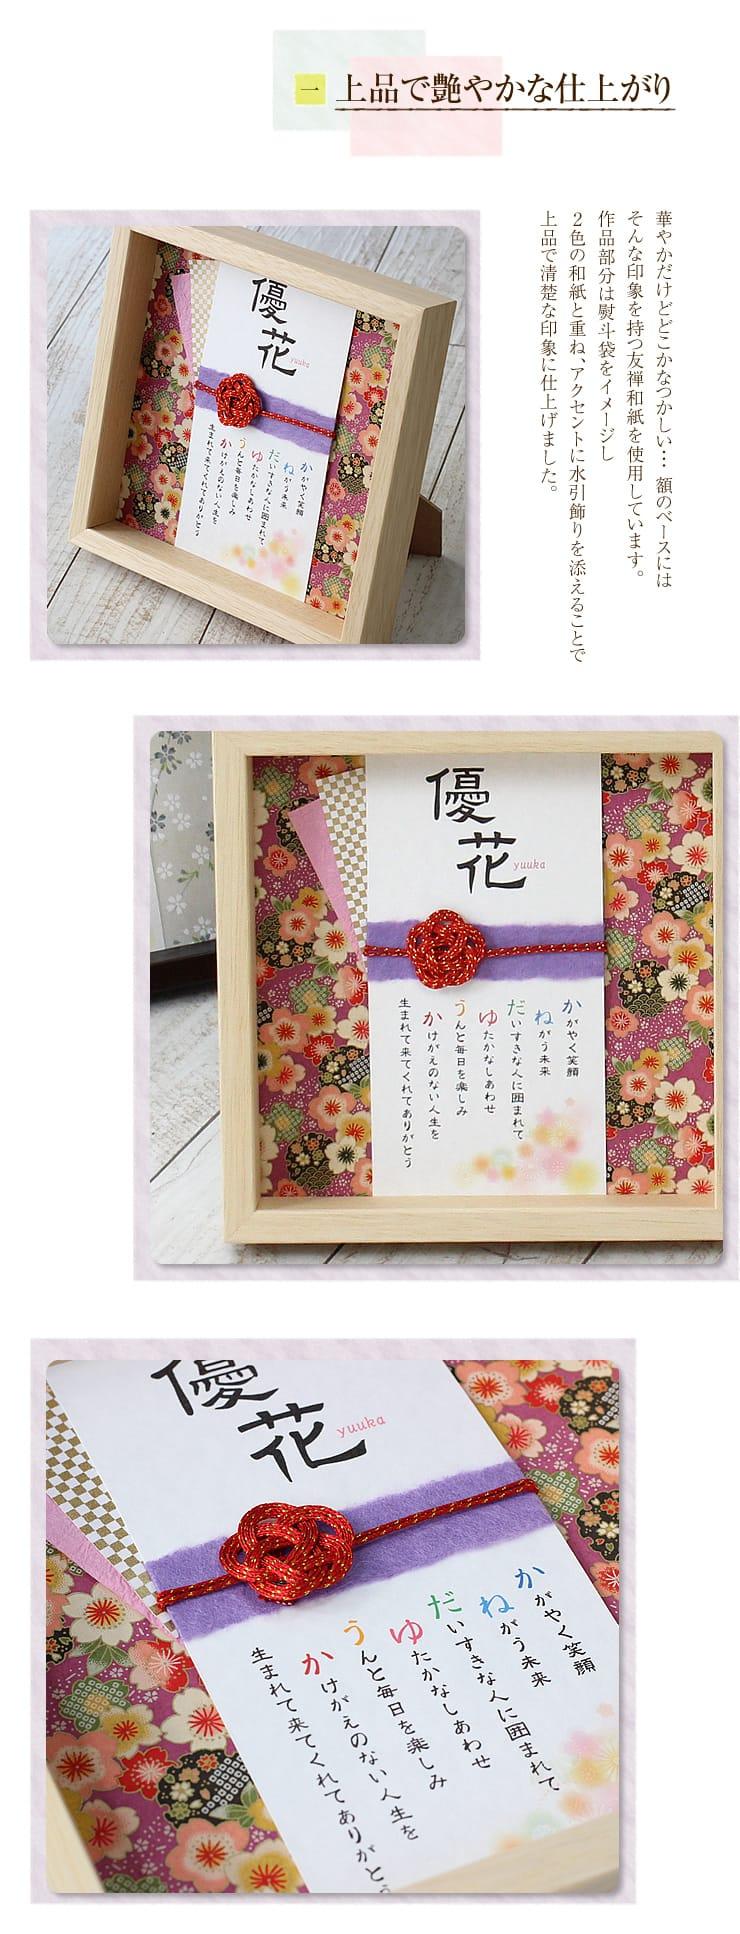 玉手箱 寿・さくら ポイント1